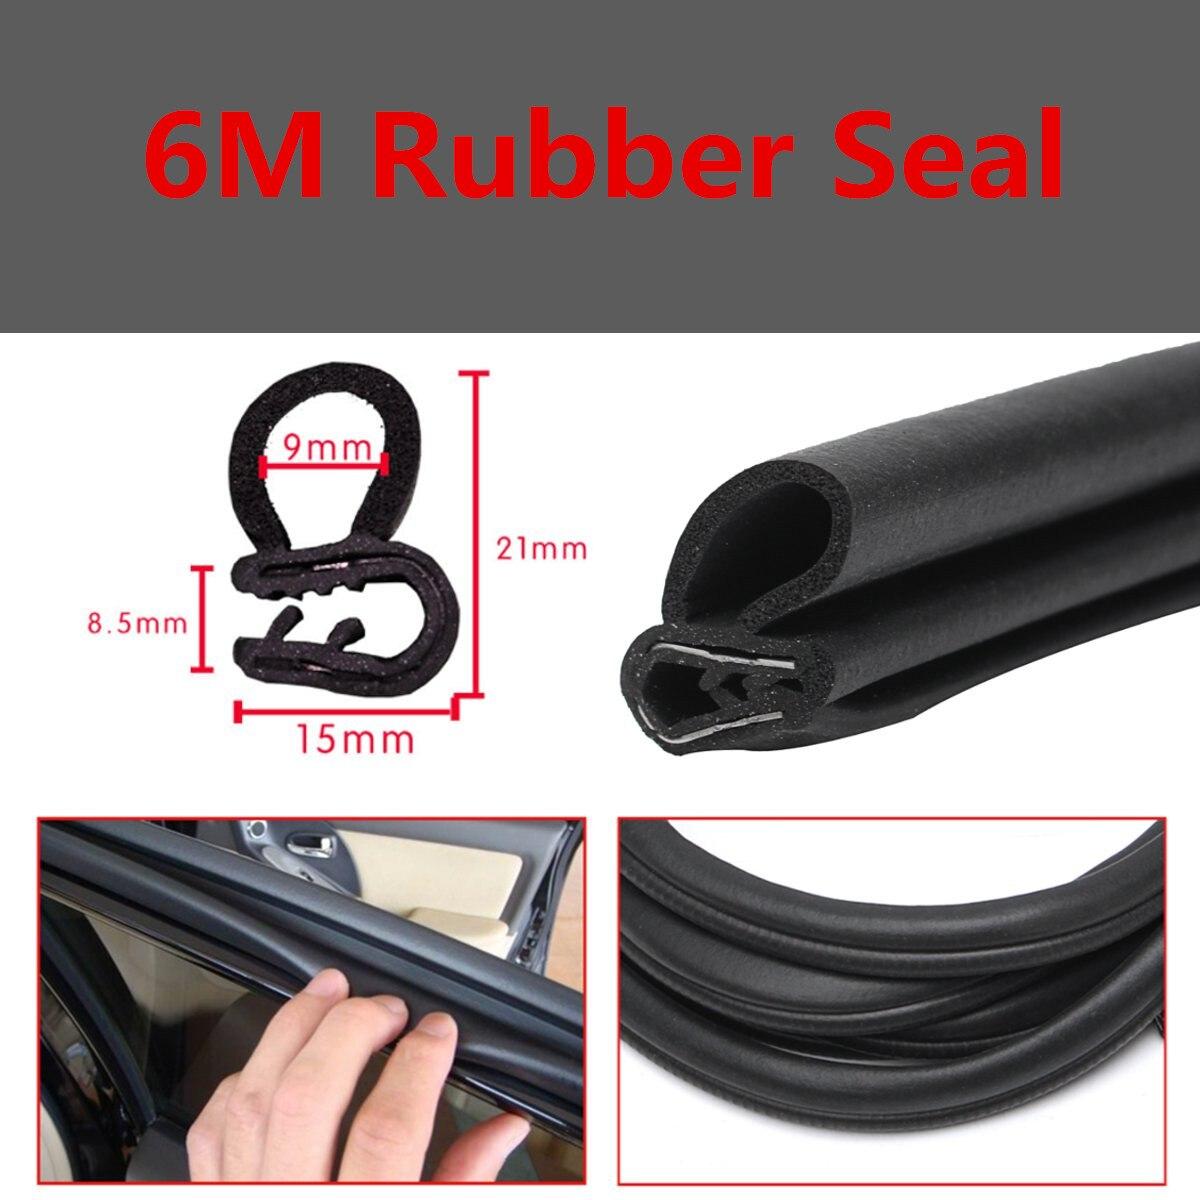 Protetor universal de borda para carro, 6m, b, em forma de b, borracha, isolamento de ruído para porta, à prova de som tiras de vedação guarnição